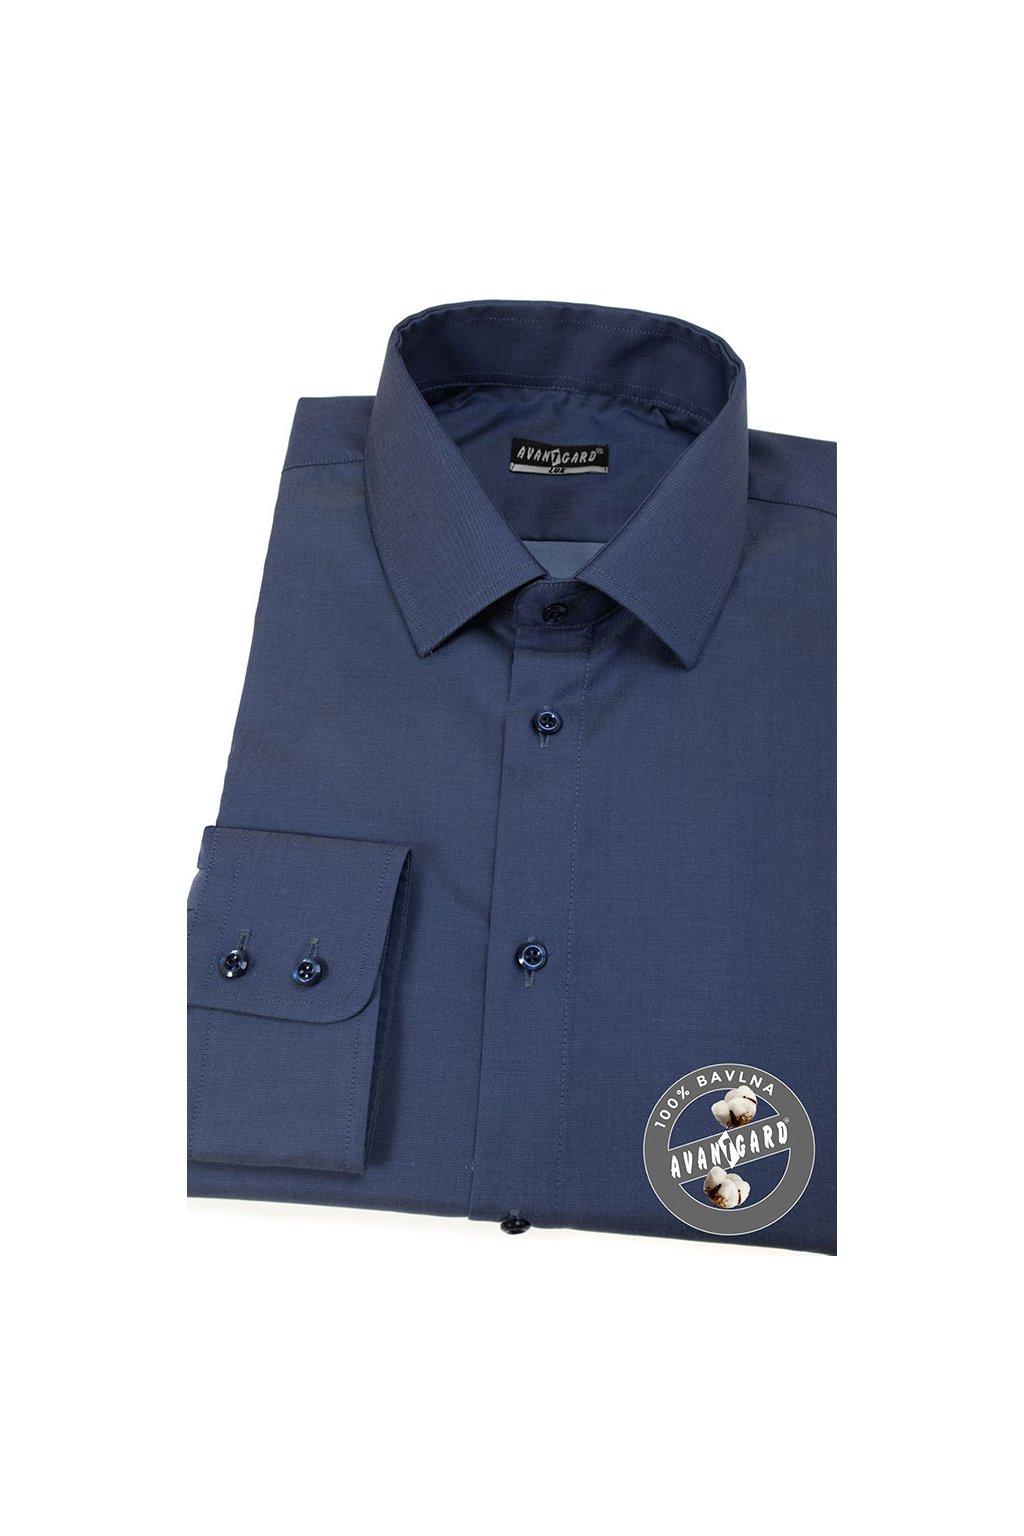 Pánská košile KLASIK dl.rukáv modrá 509 - 5505